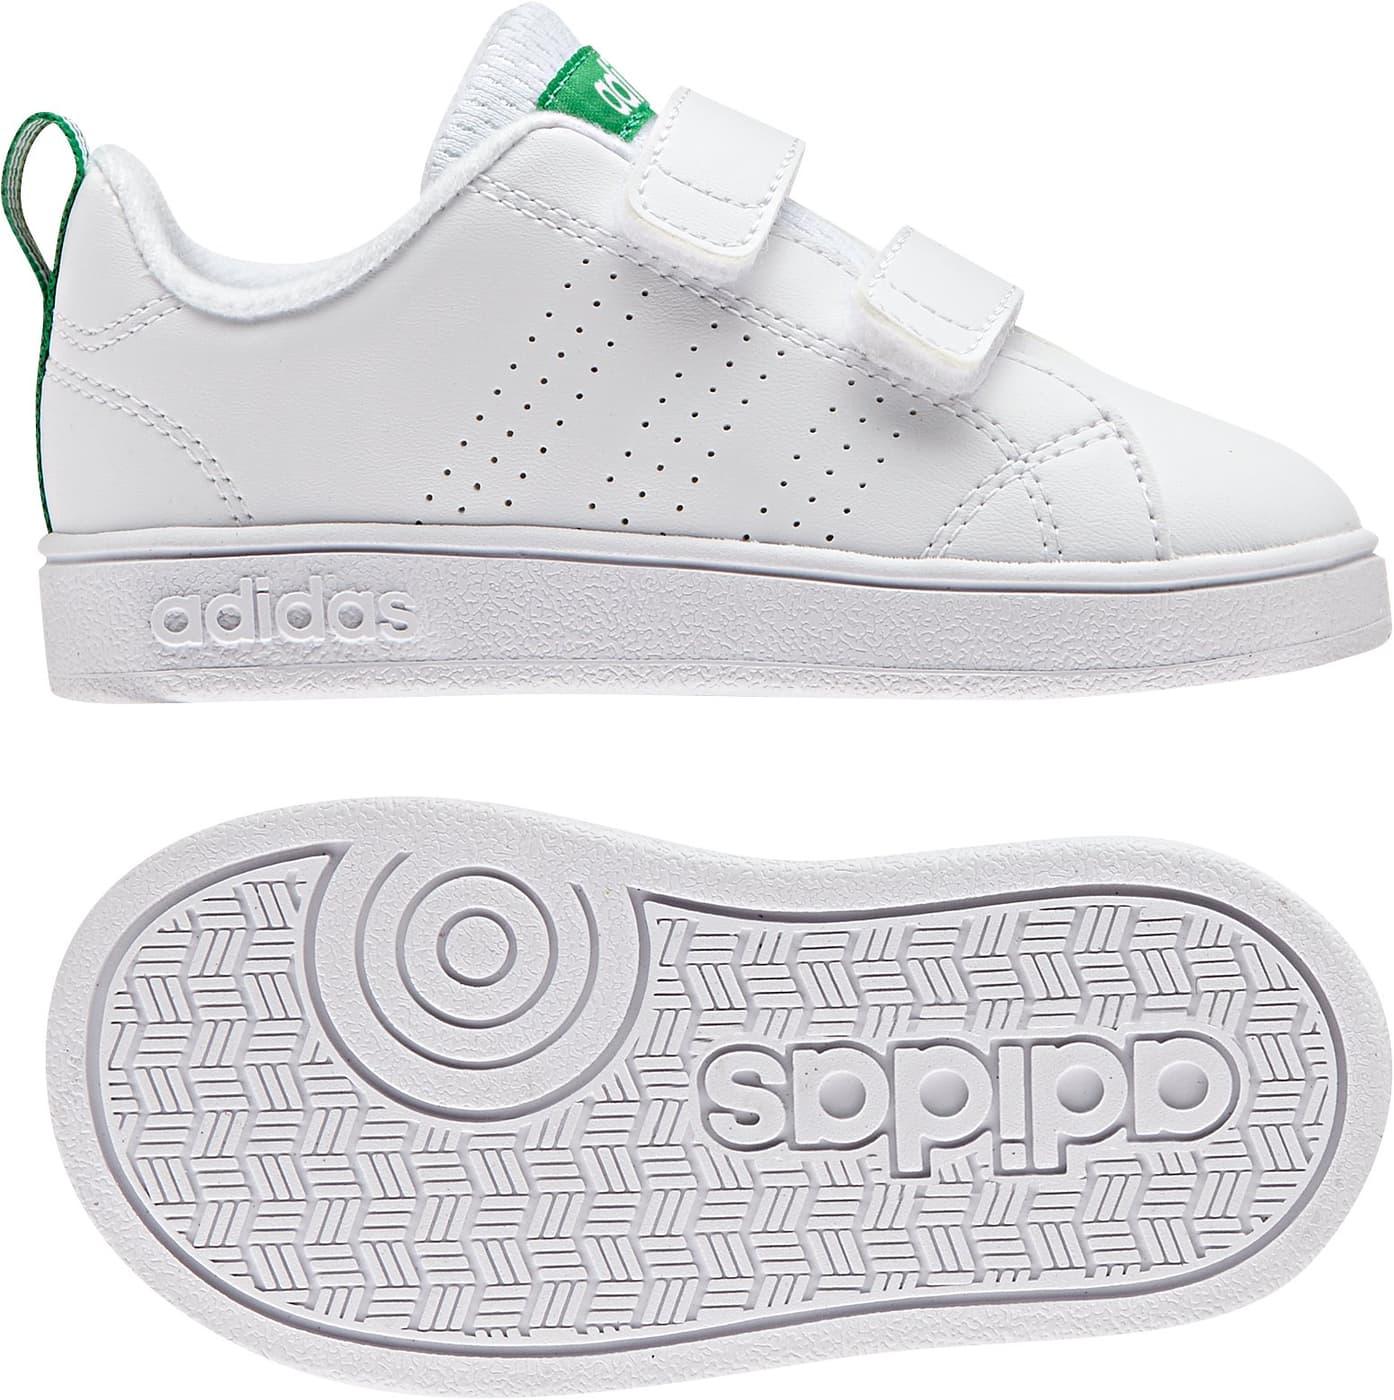 Clean Advantage Il Vs Scarpa Per Da Bambino Adidas Tempo Migros Libero  qSpEwx5C5 c2935ad76289